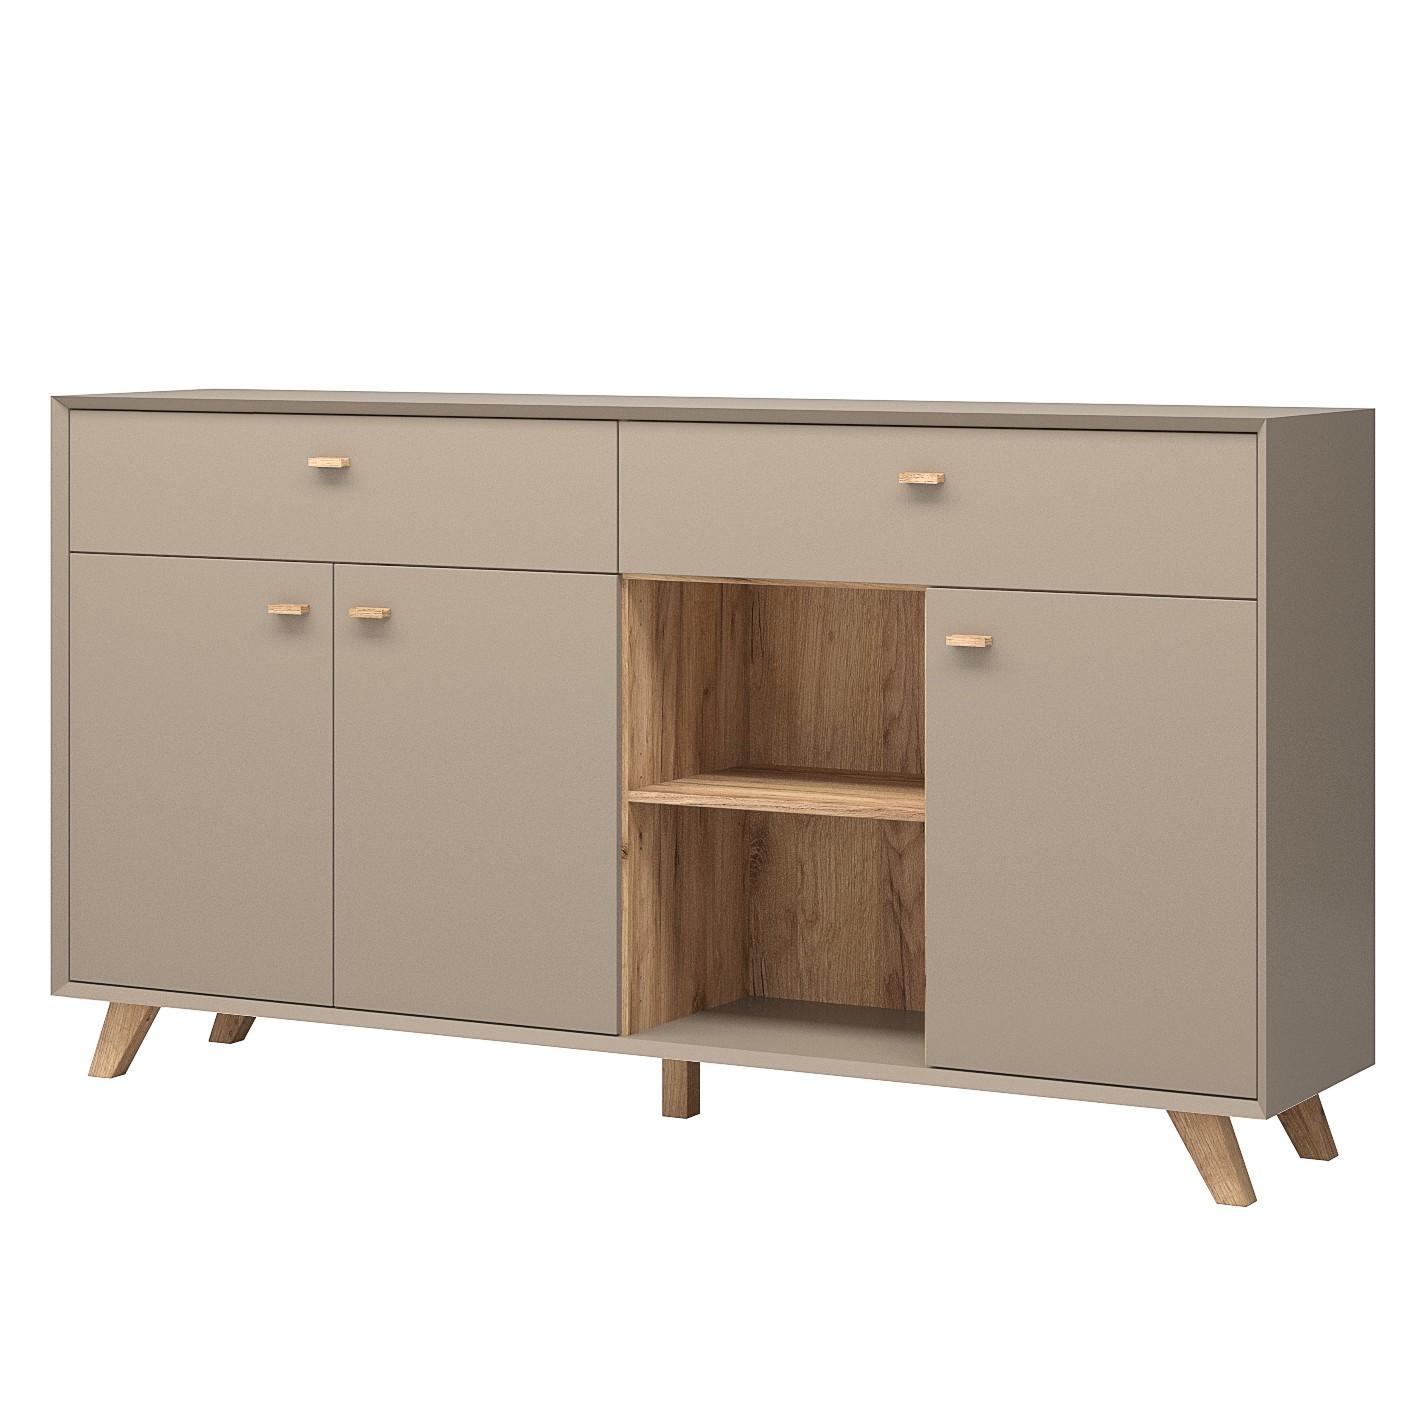 home24 Sideboard Calvi II